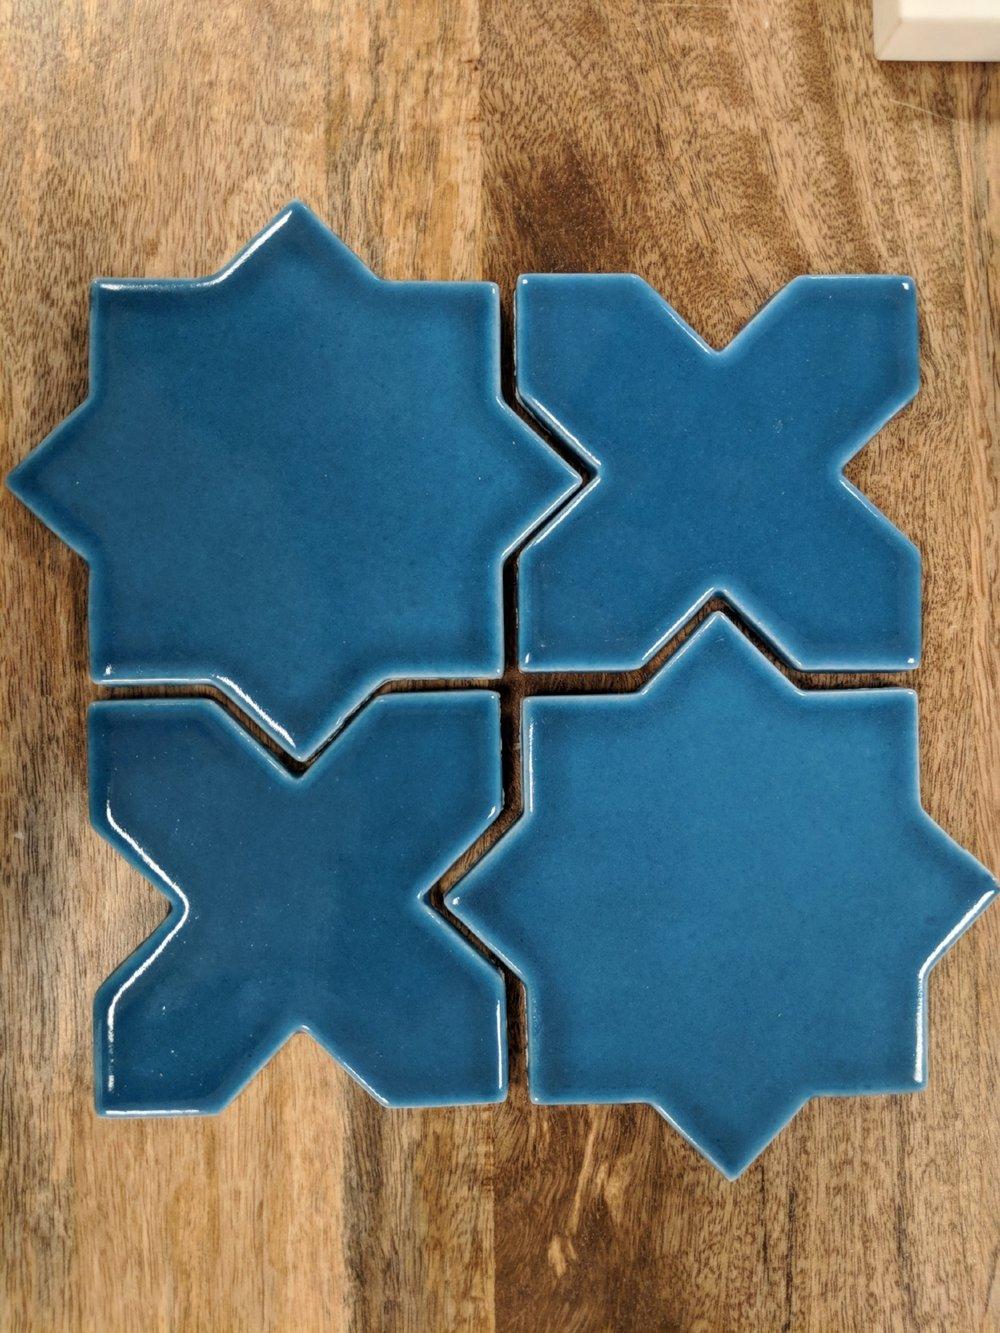 Unique tile choices